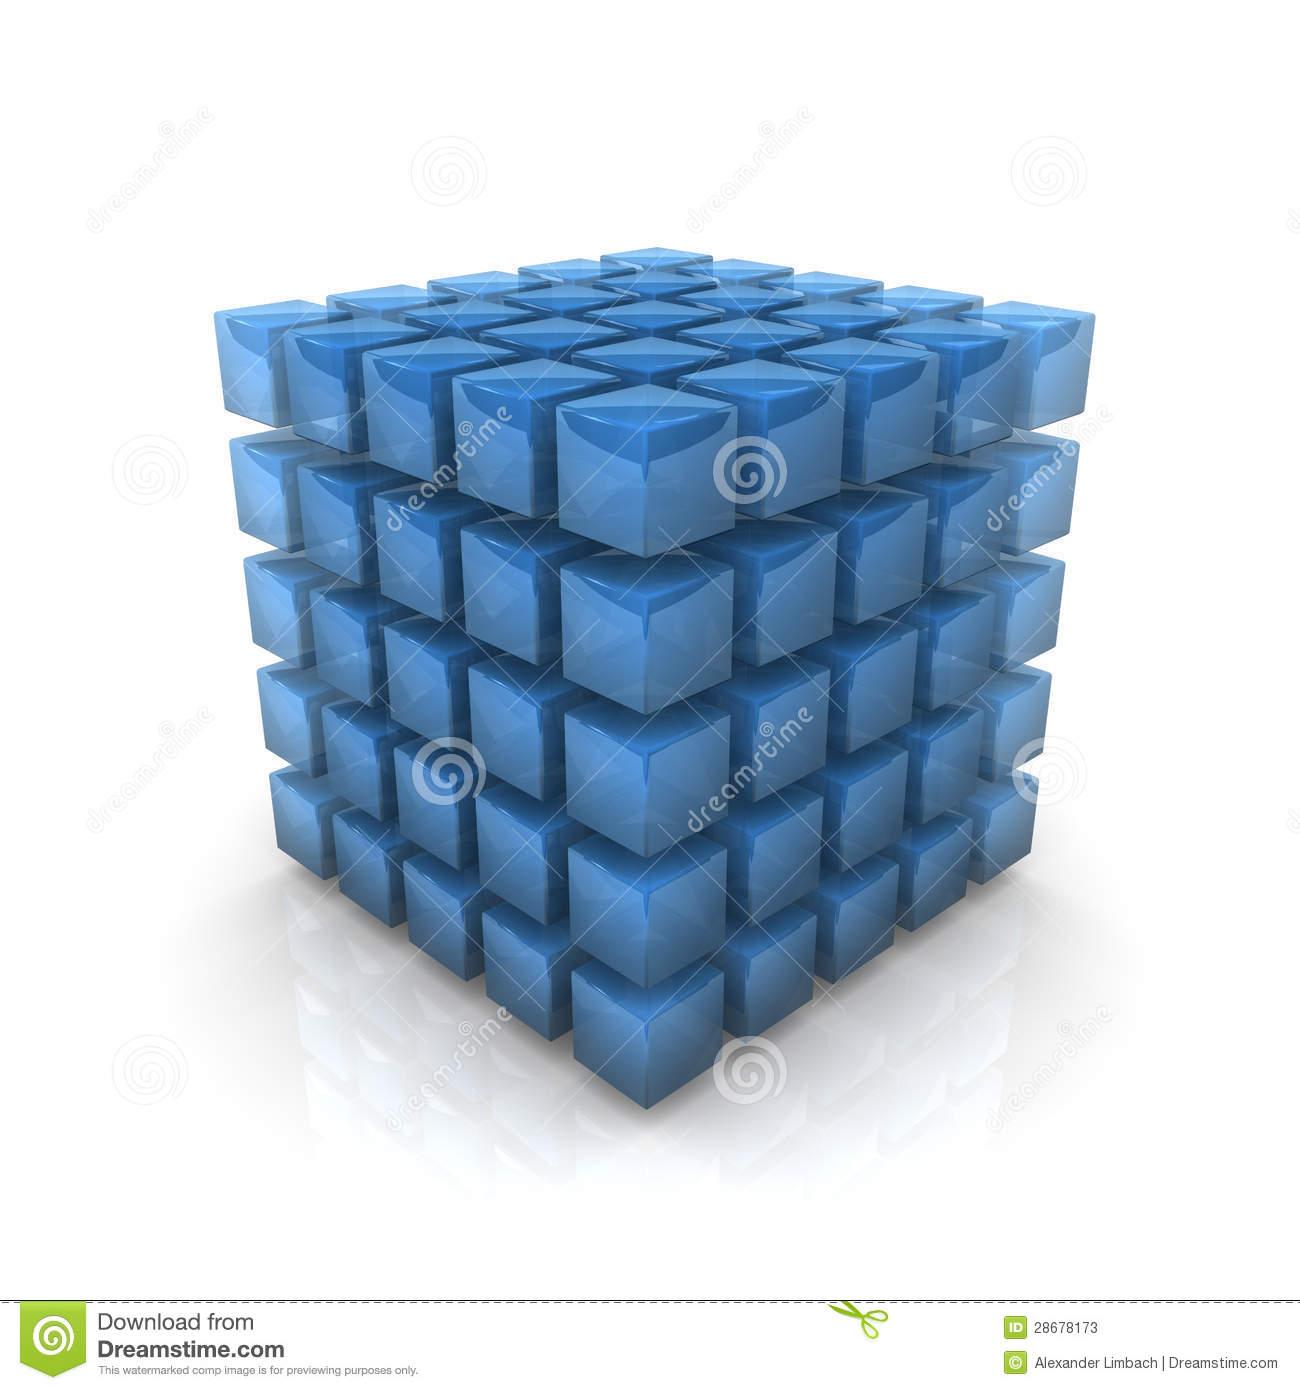 High Resolution Wallpaper   Transparent Cubes 1300x1390 px